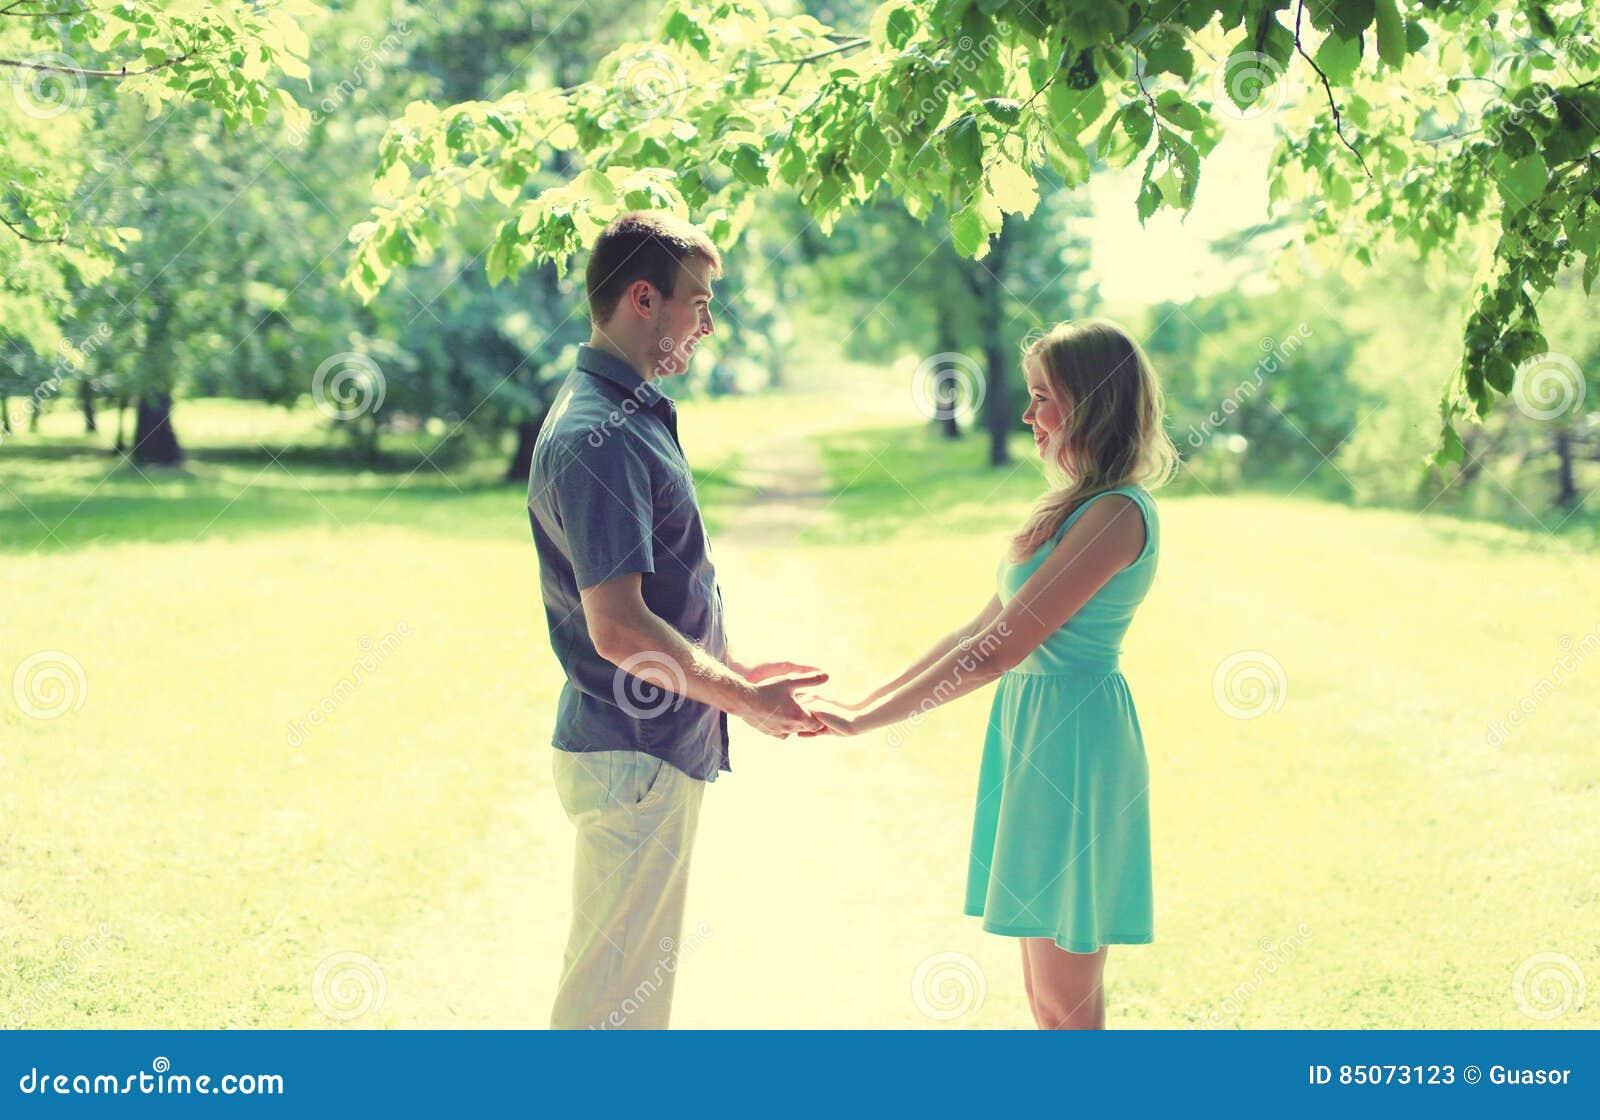 在爱的愉快的年轻微笑的夫妇,举行手,关系,日期,婚姻-概念,葡萄酒软的颜色